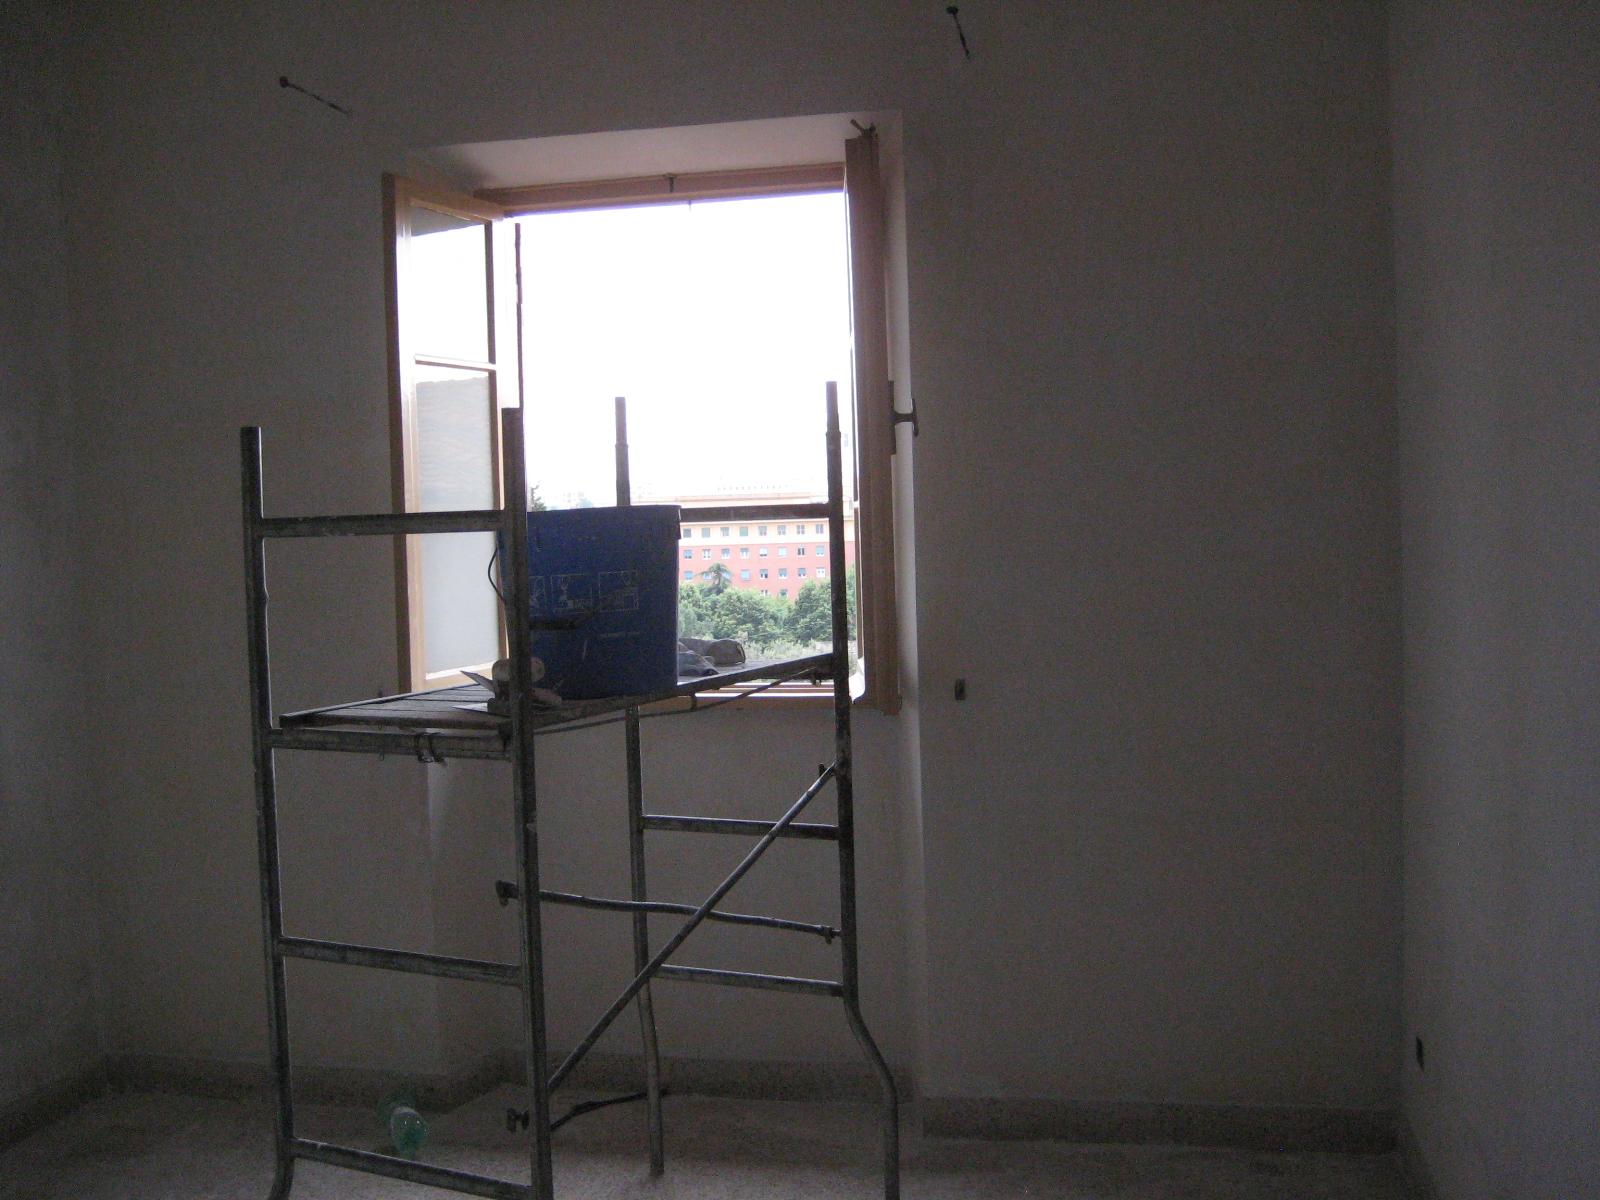 Proyecto garbatella mayo 2013 for Permiso de soggiorno en italia